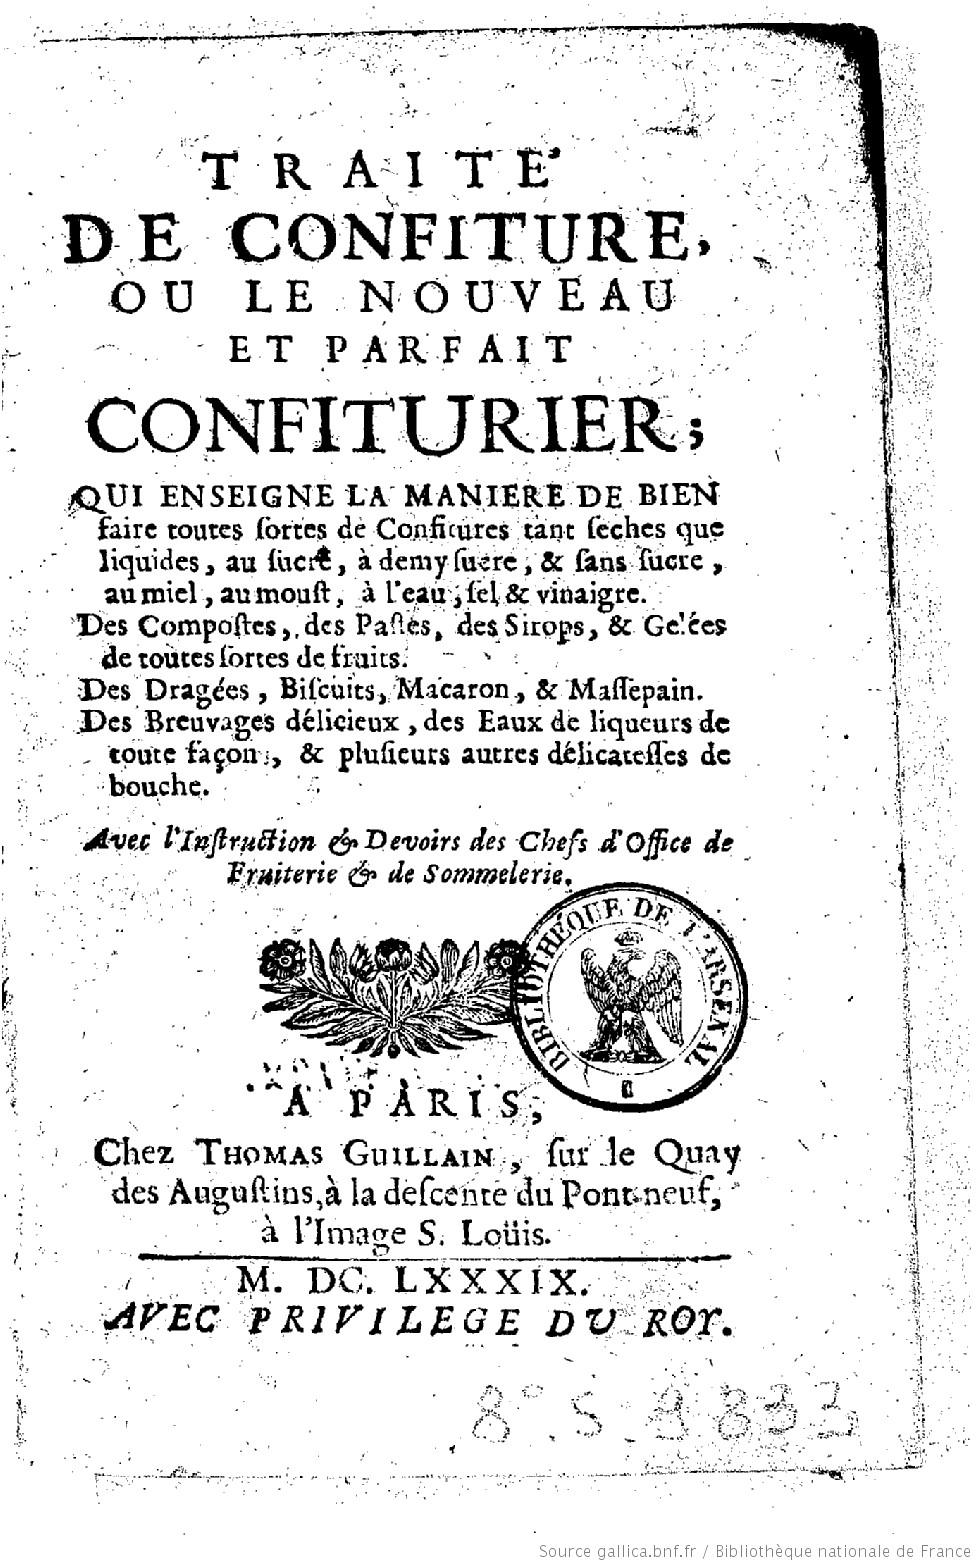 Nostradamus -Le Traité des fardements et confitures